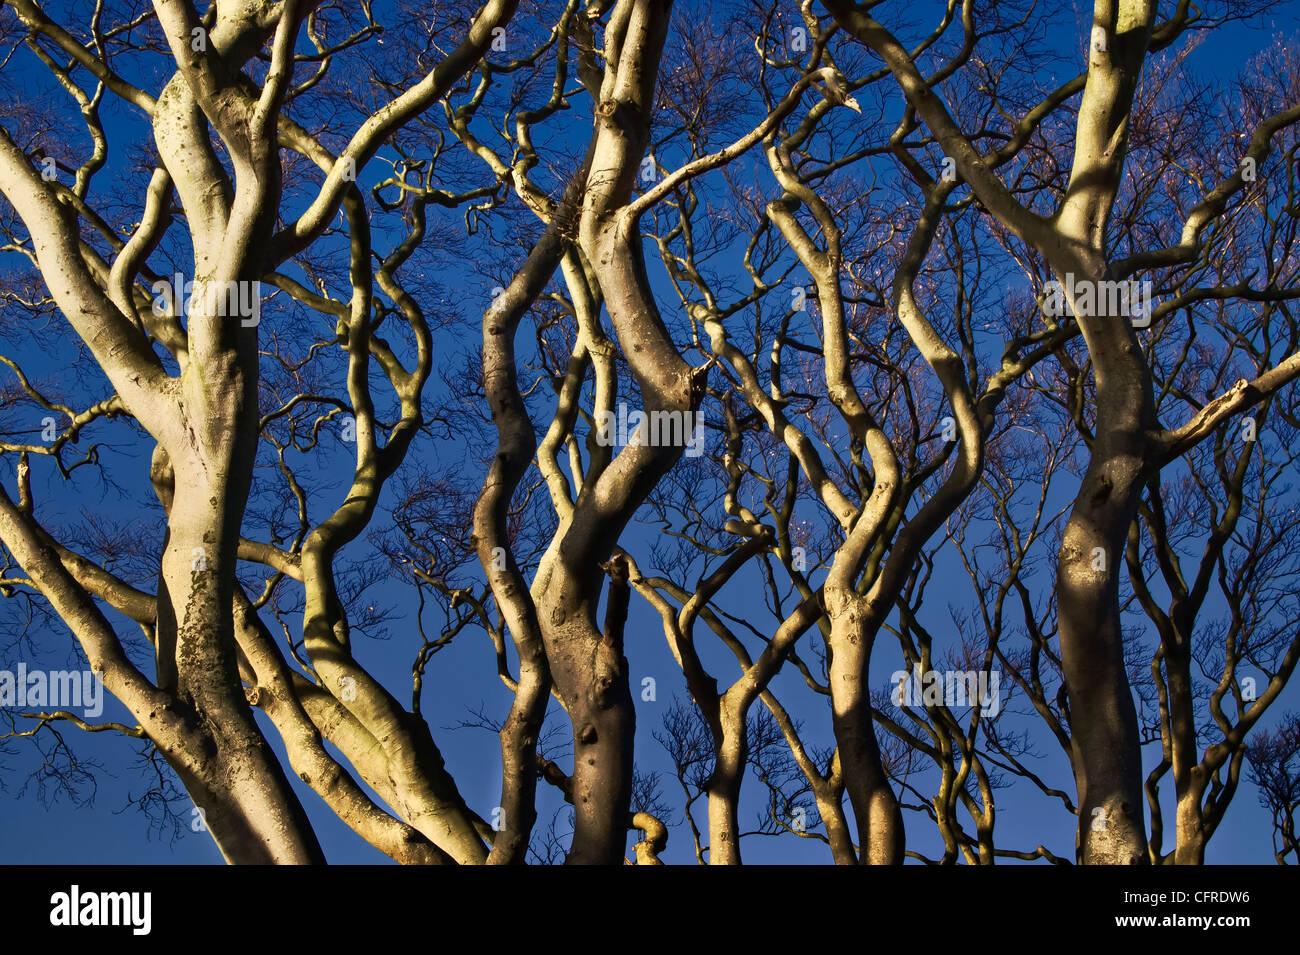 A nudo i rami degli alberi in inverno, con la luce del sole ed ombra realizzazione di tracciati. Immagini Stock